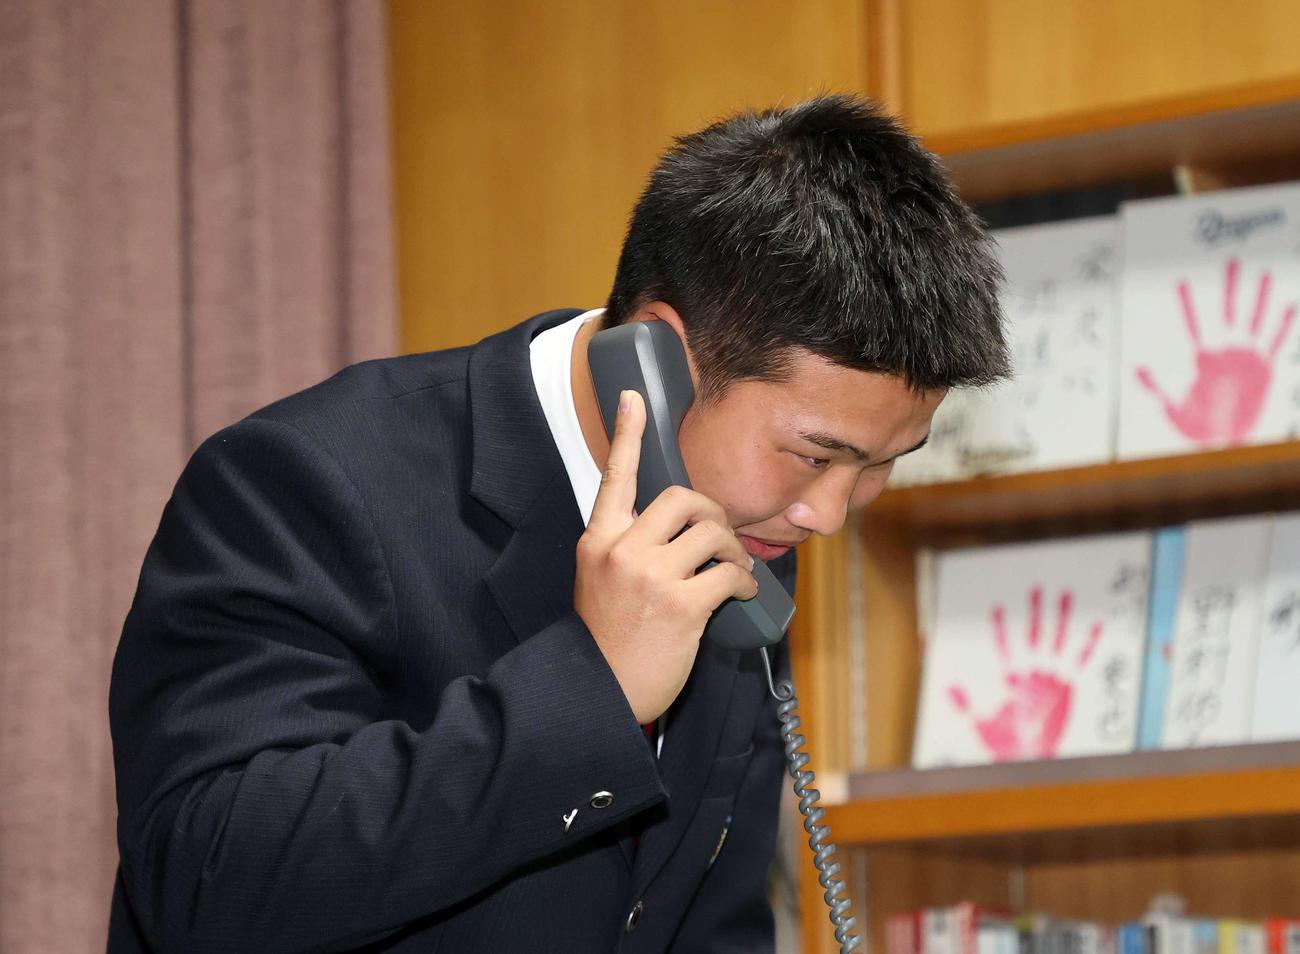 ソフトバンクに1位指名され父親に電話する花咲徳栄・井上(撮影・鈴木正人)